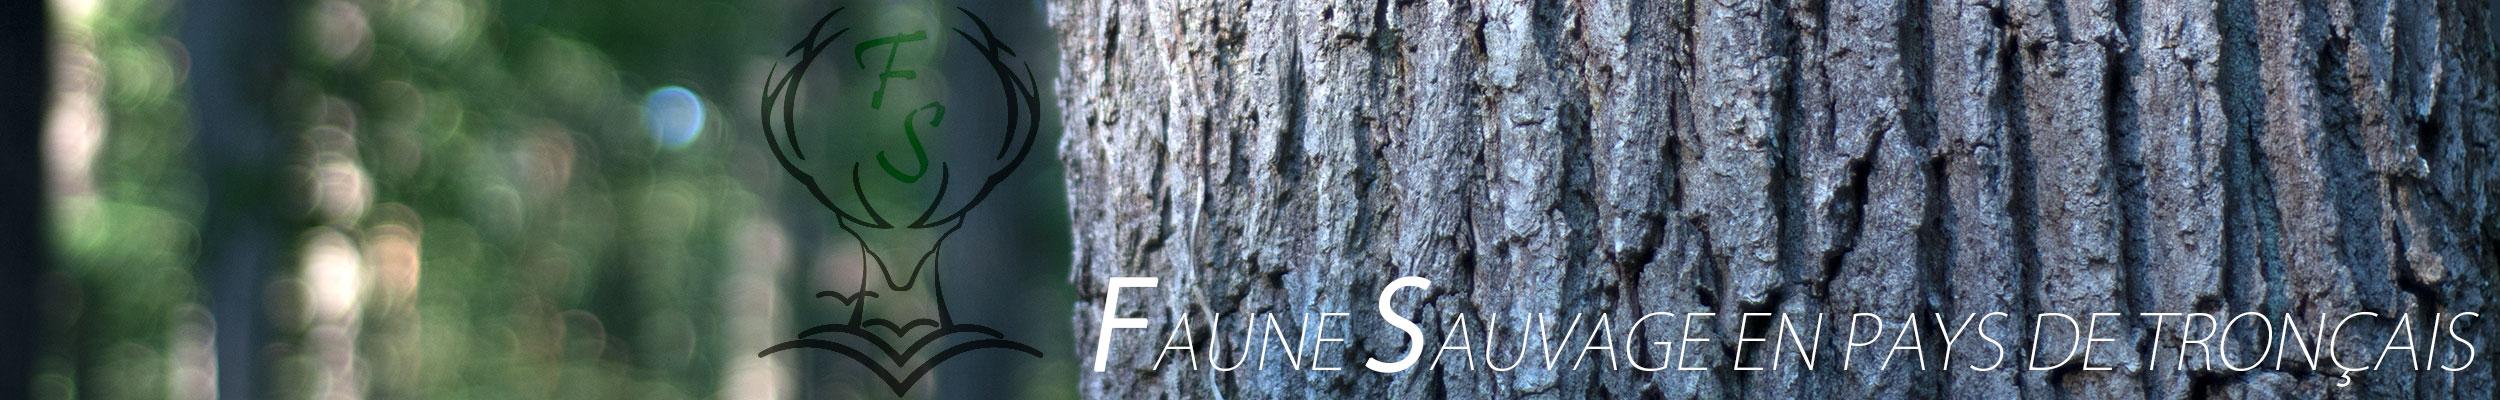 Faune Sauvage en pays de Tronçais